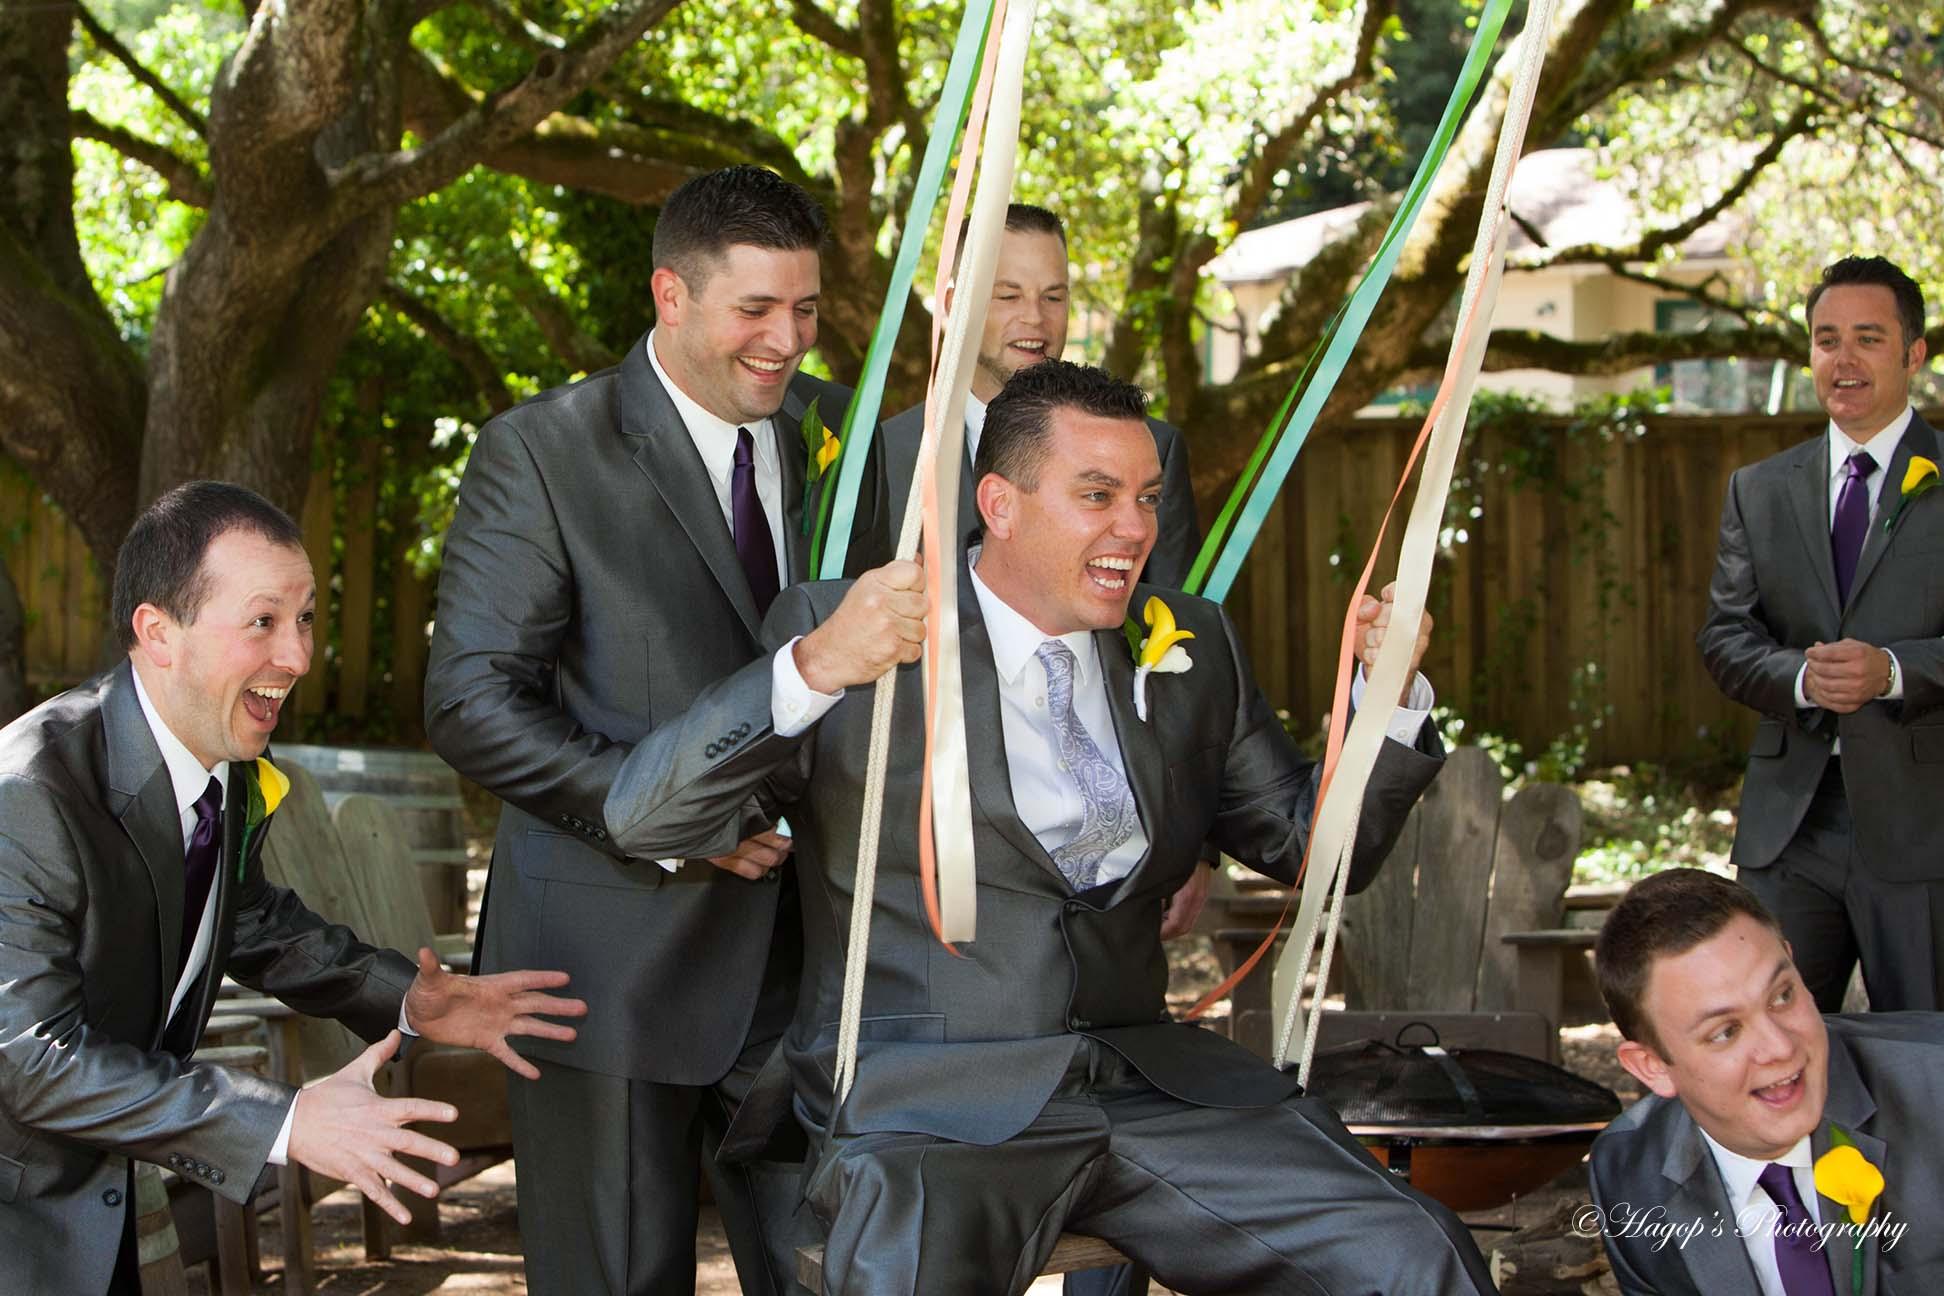 groom with groomsmen on swing